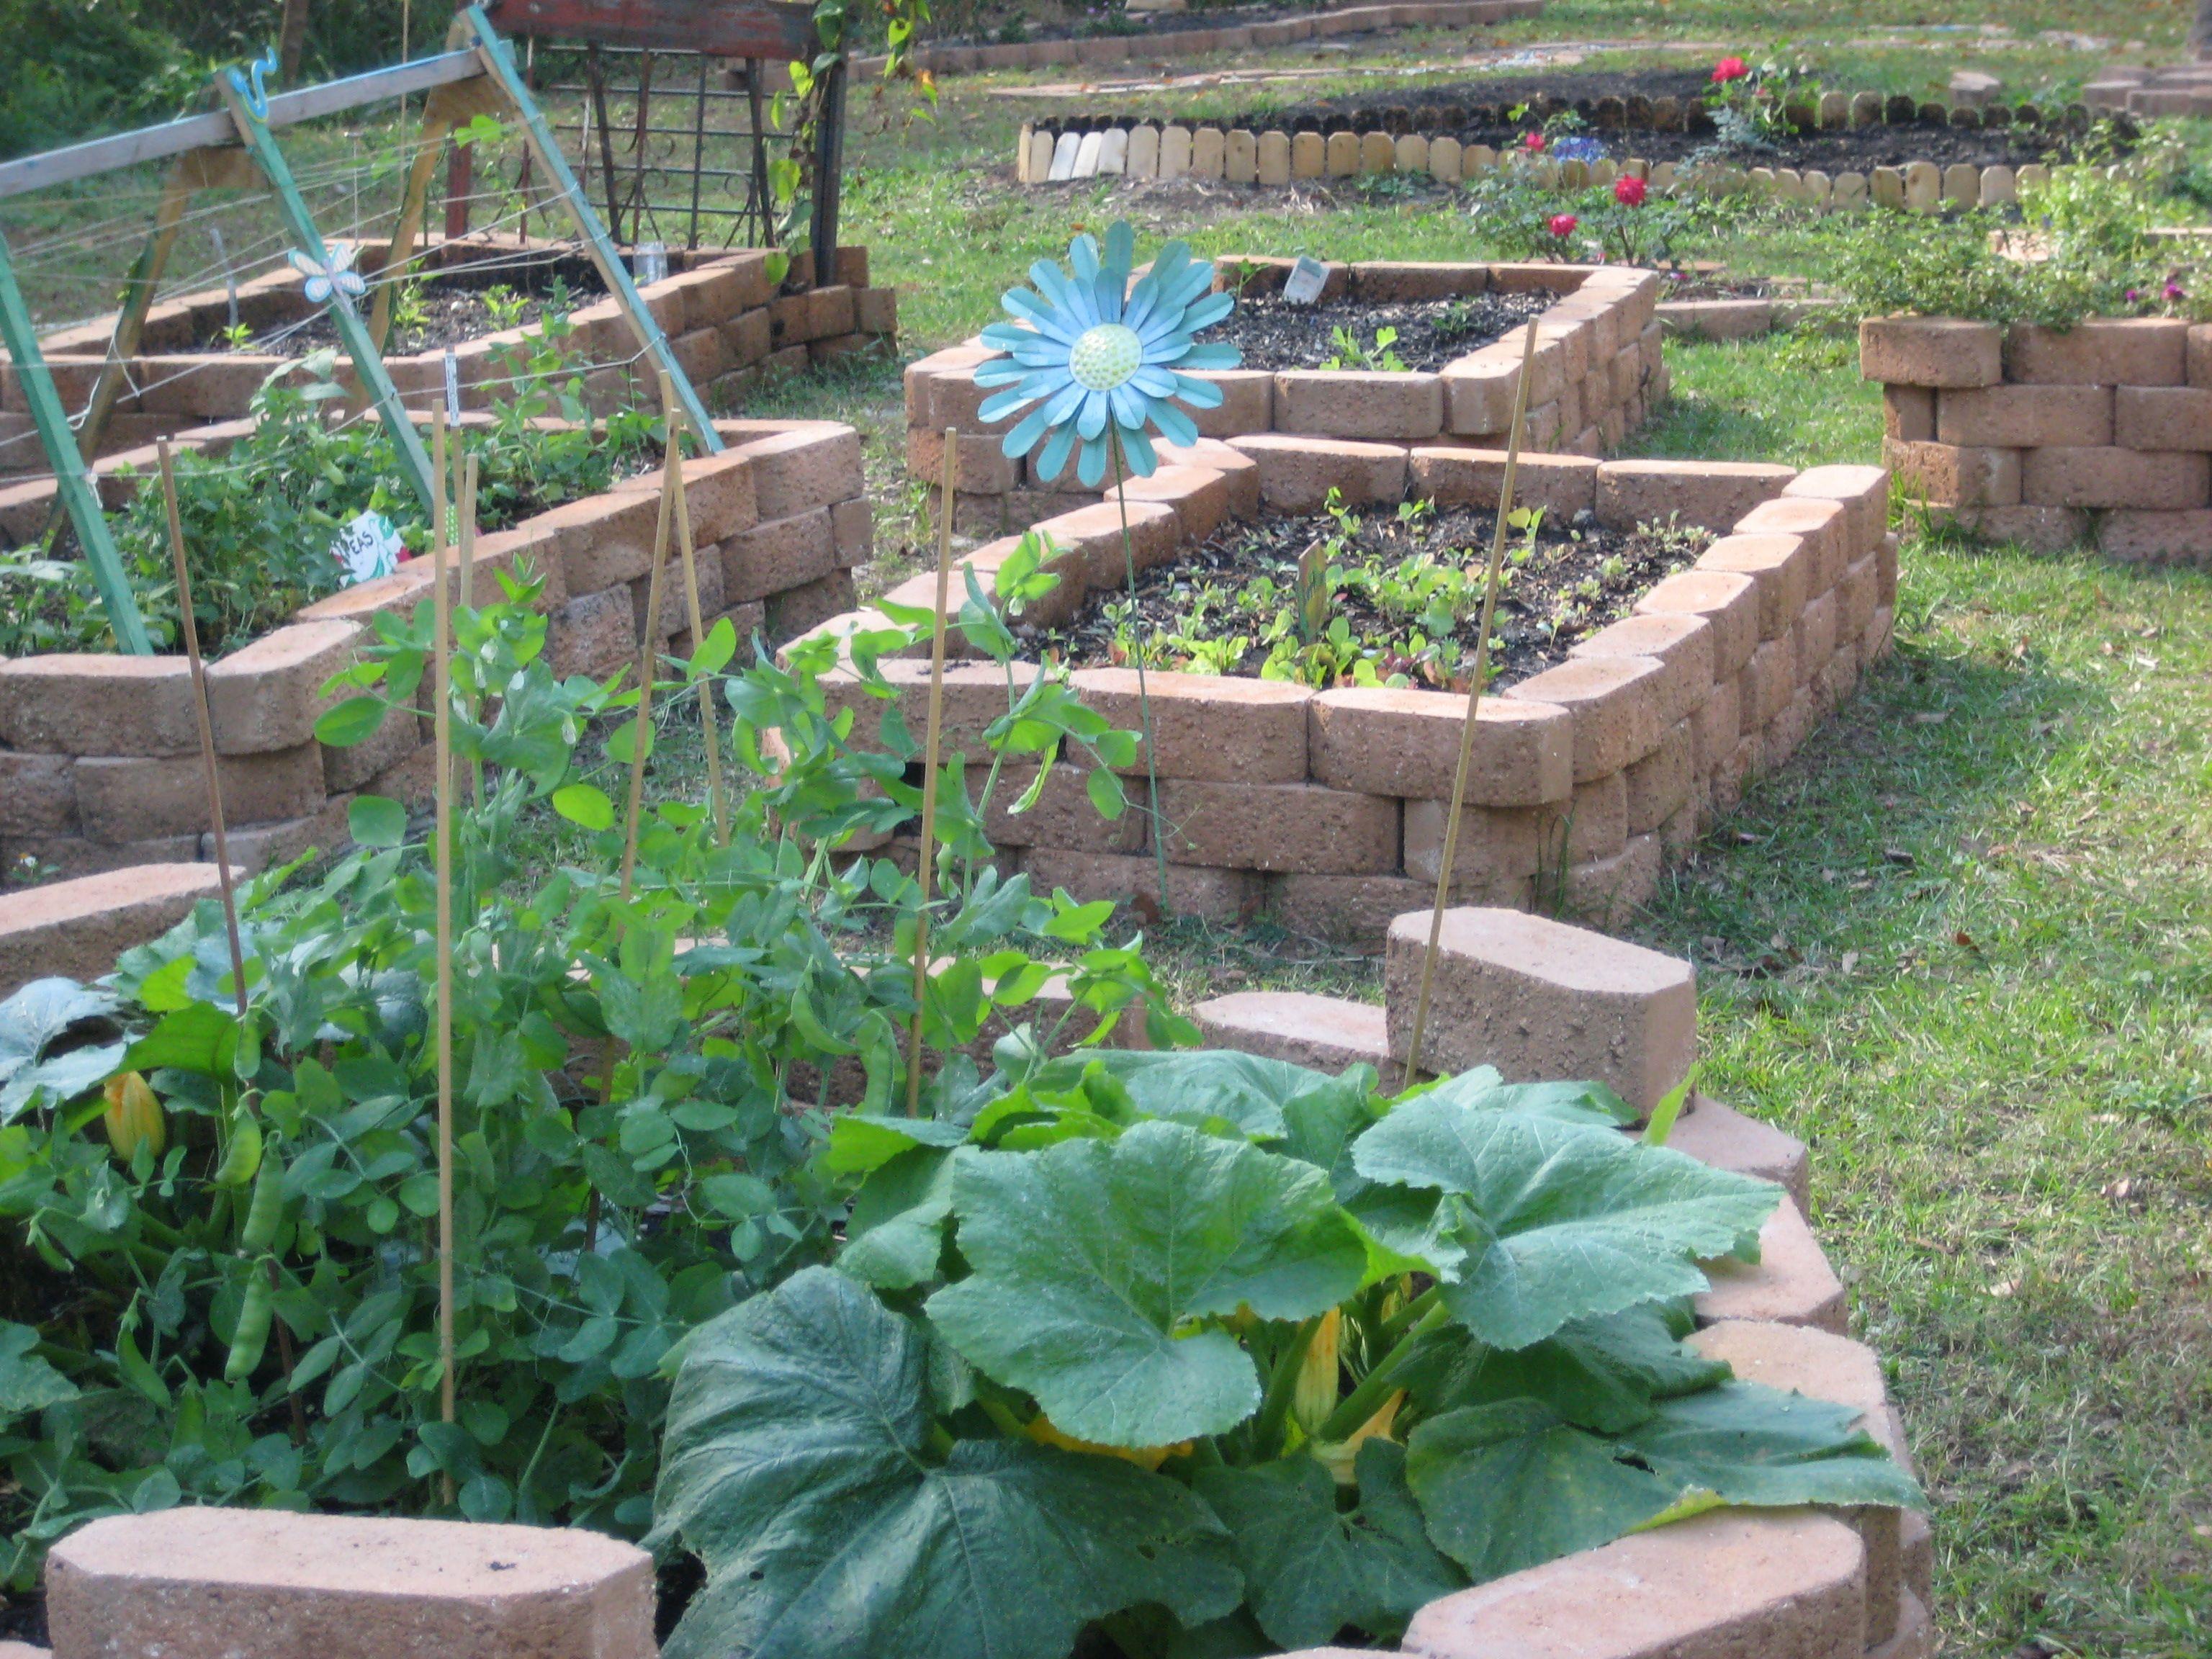 Urban School Garden Pictures Gallery